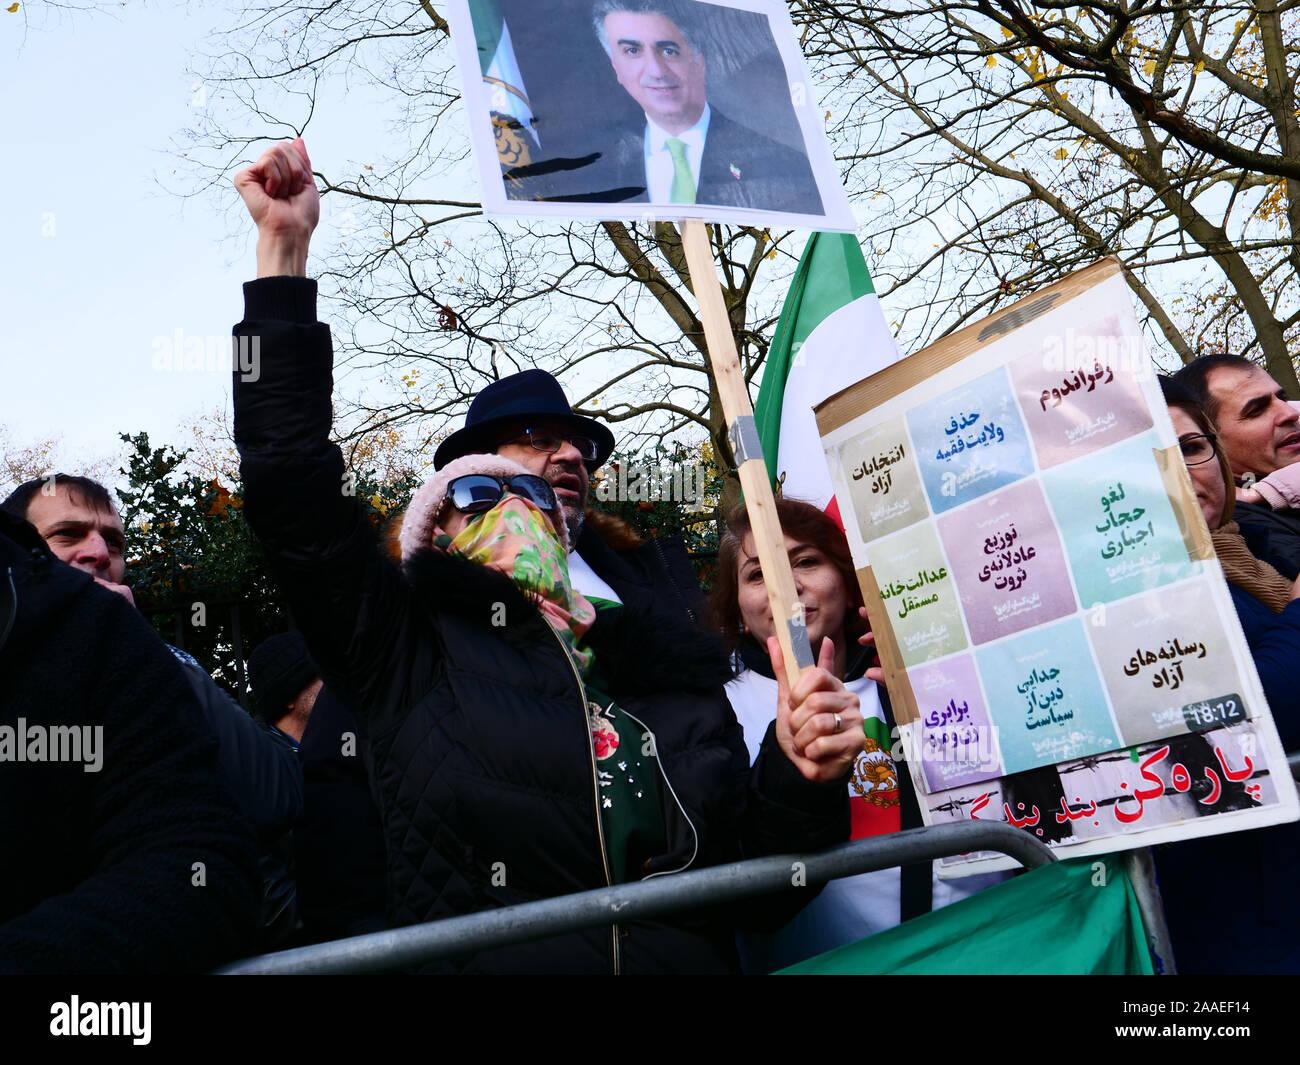 Londres, Royaume-Uni. 20 novembre, 2019. Les Iraniens de Londres de protestation devant l'ambassade d'Iran contre les abus allégués par le gouvernement de l'Iran, exigeant la démocratie et la liberté de la population kurde. Crédit: Joe Keurig / Alamy News Banque D'Images